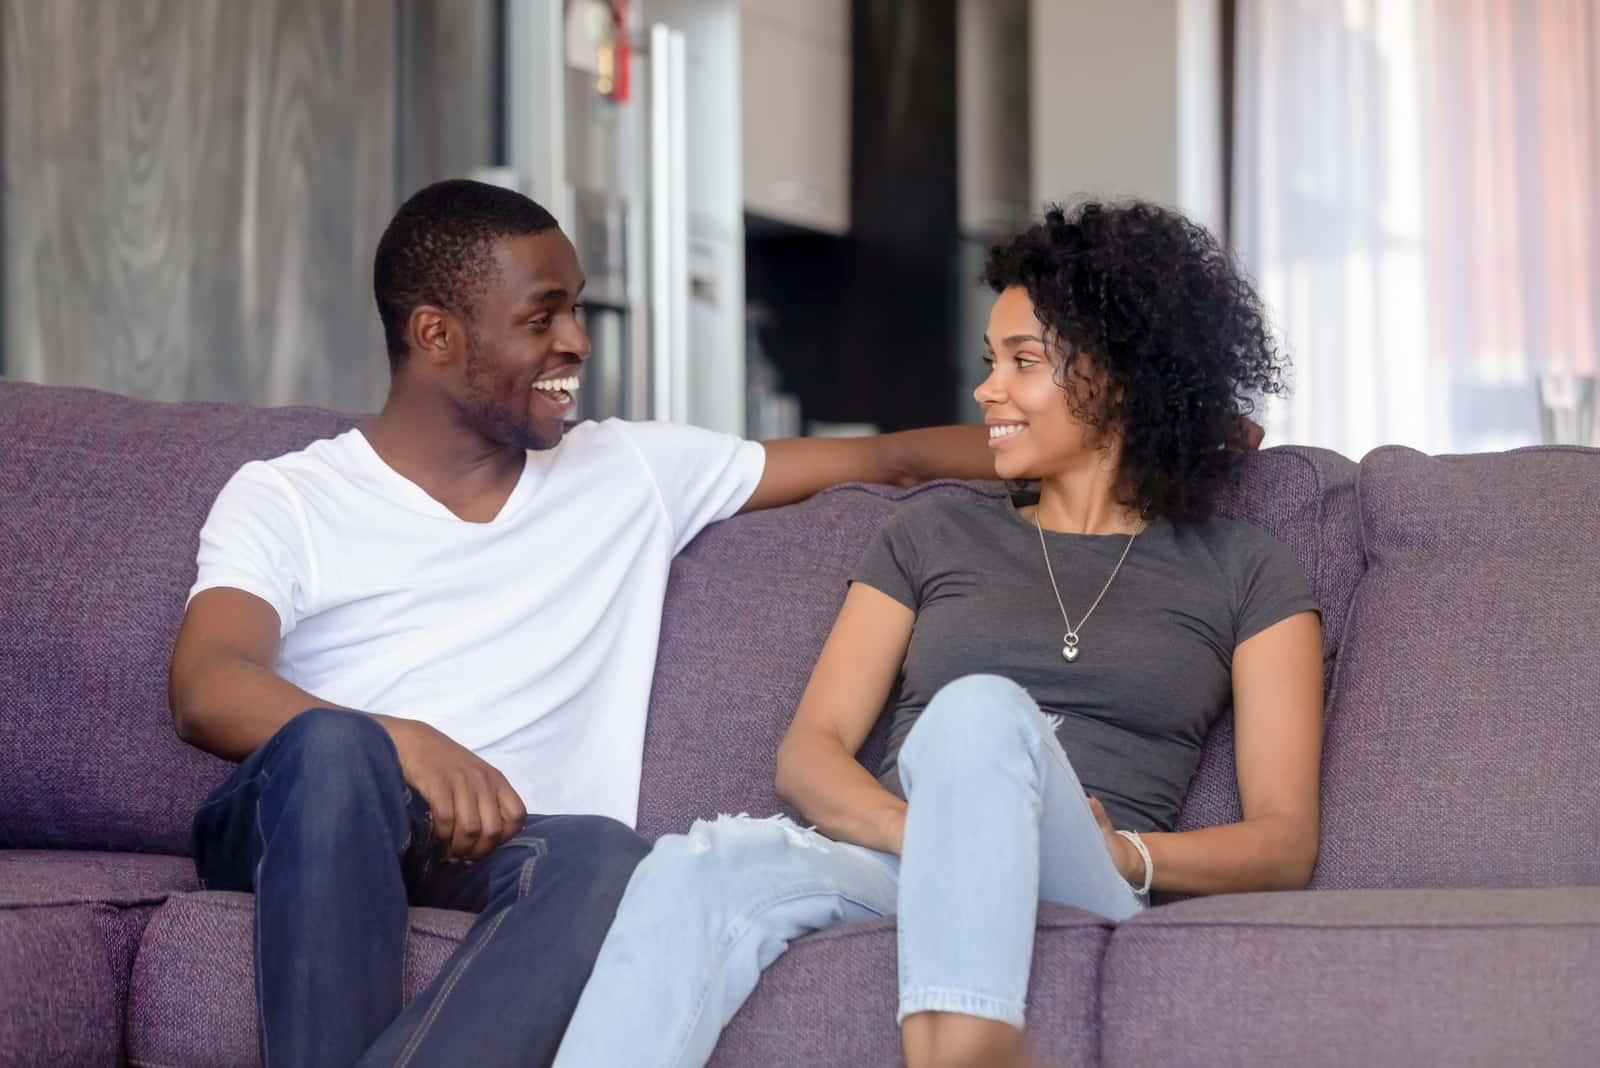 un homme et une femme s'assoient et parlent sur le canapé